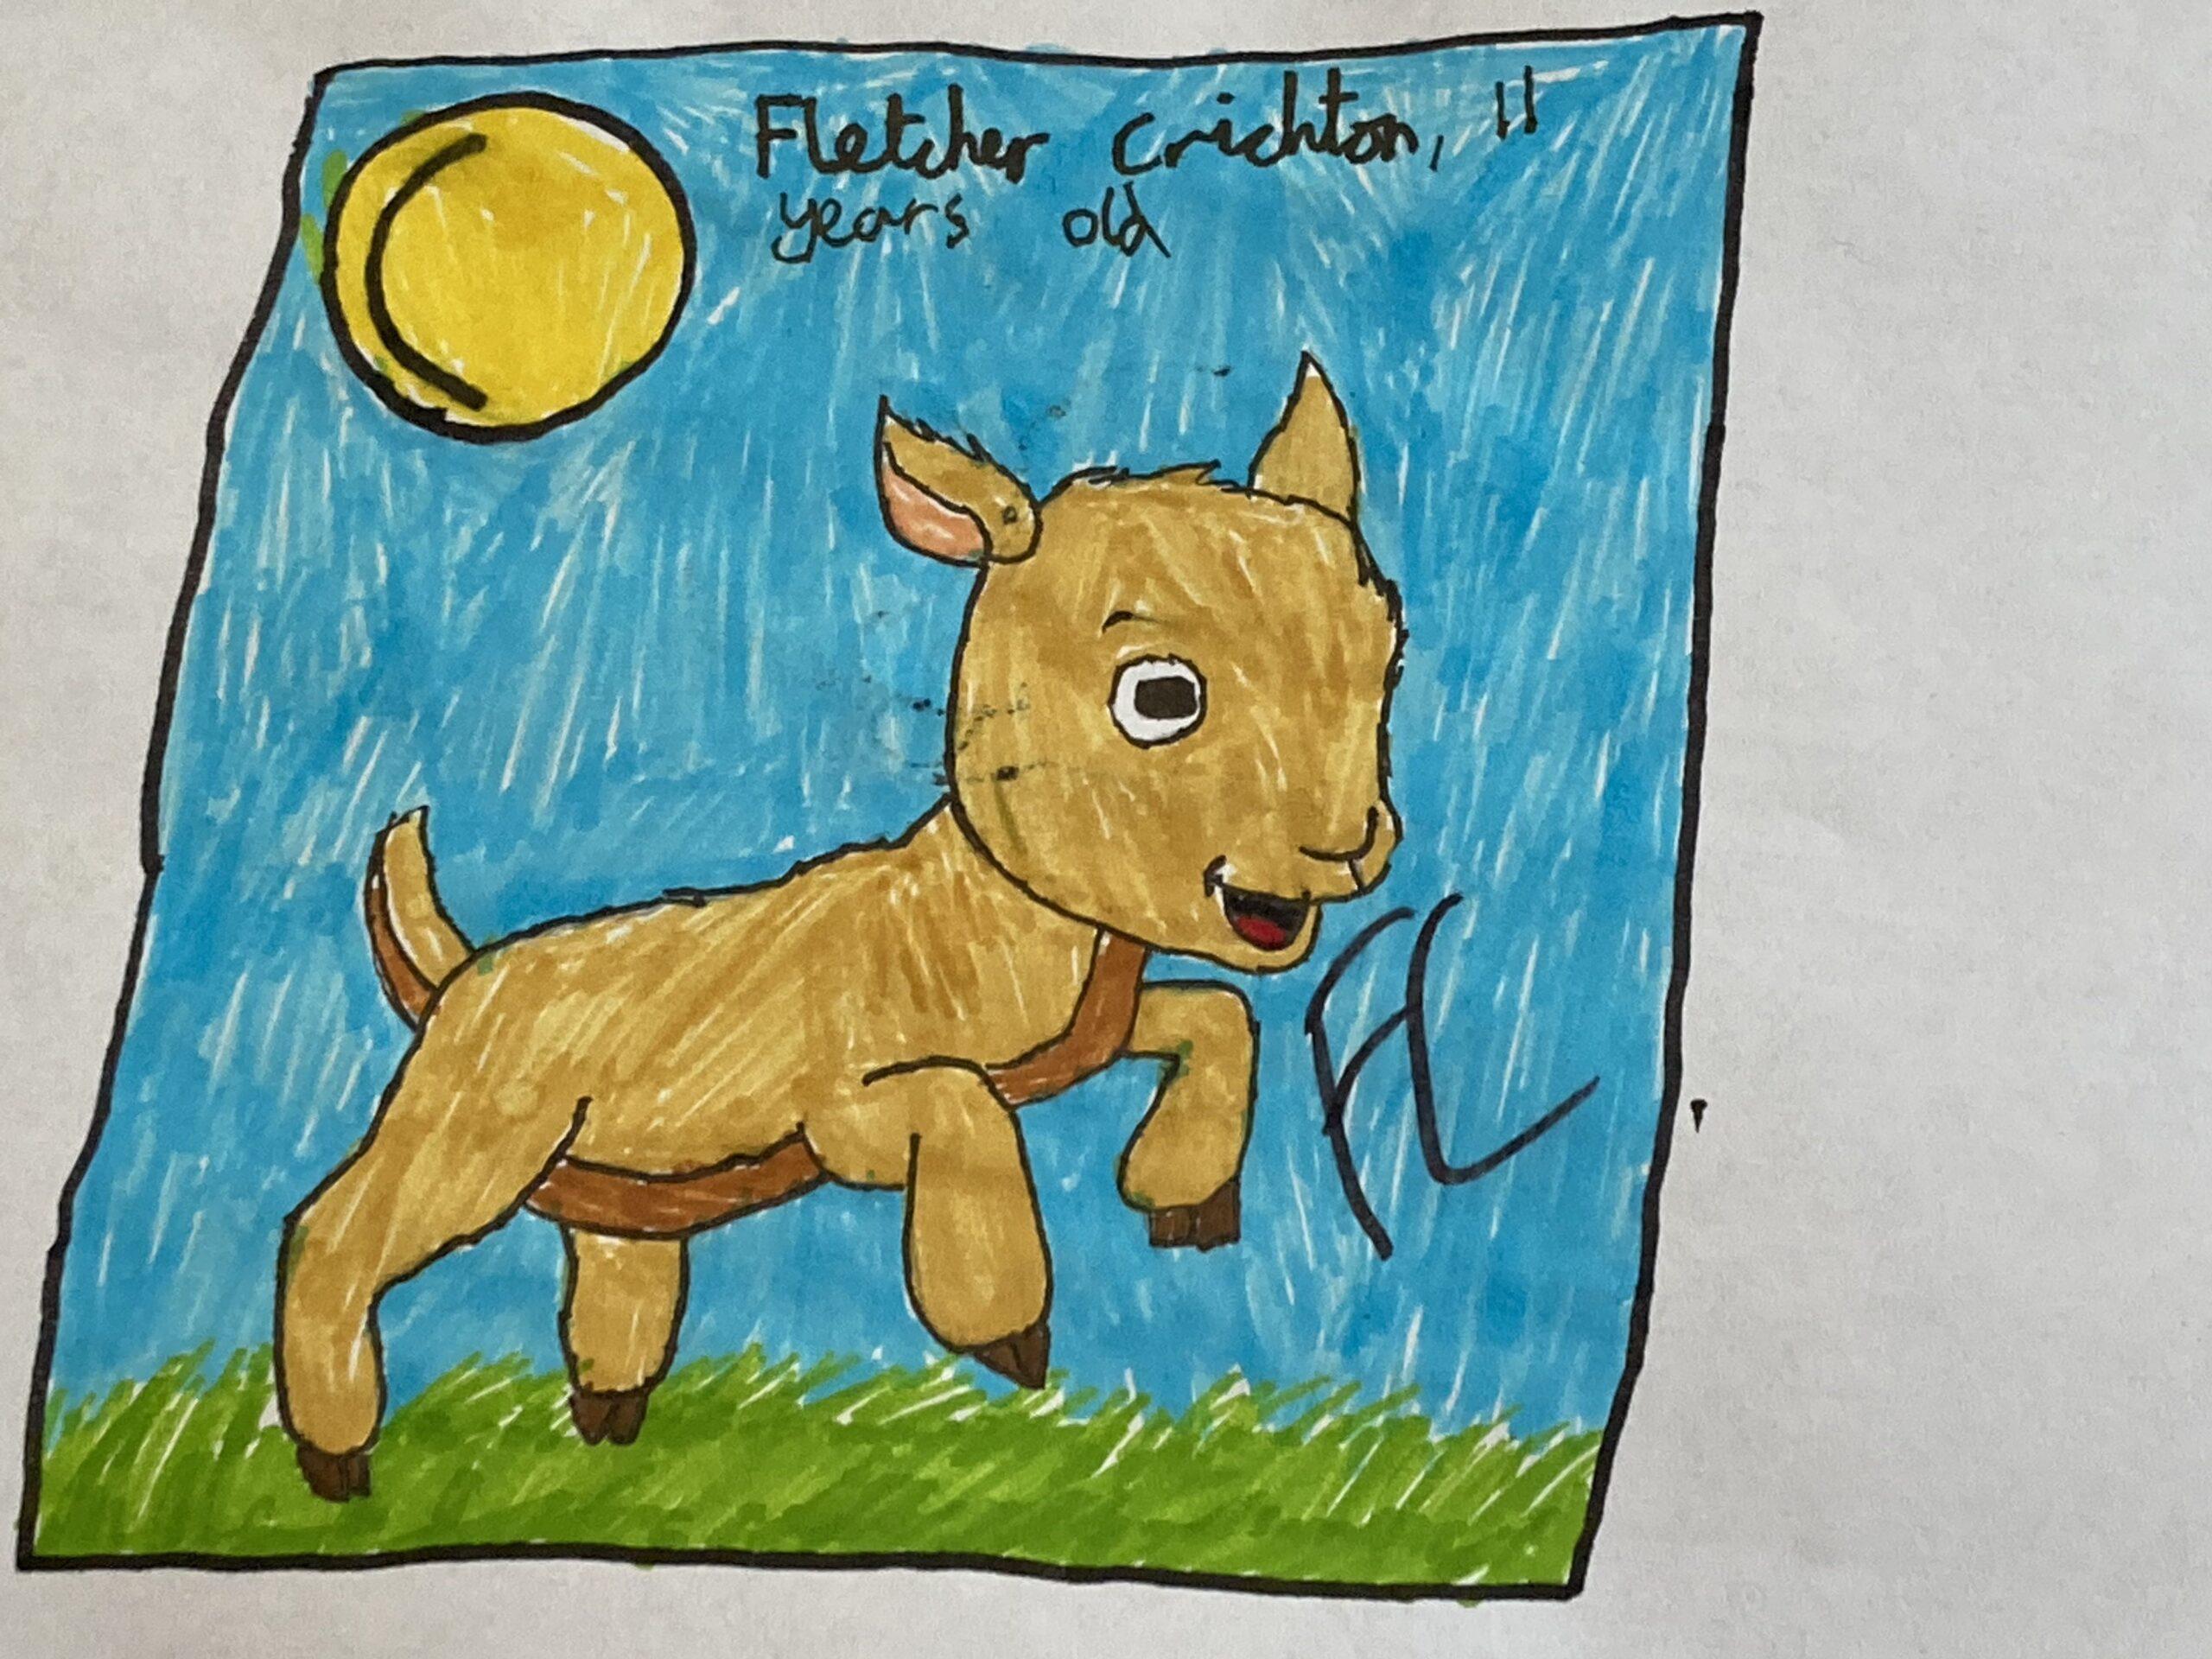 Fletcher Crichton, Age 11